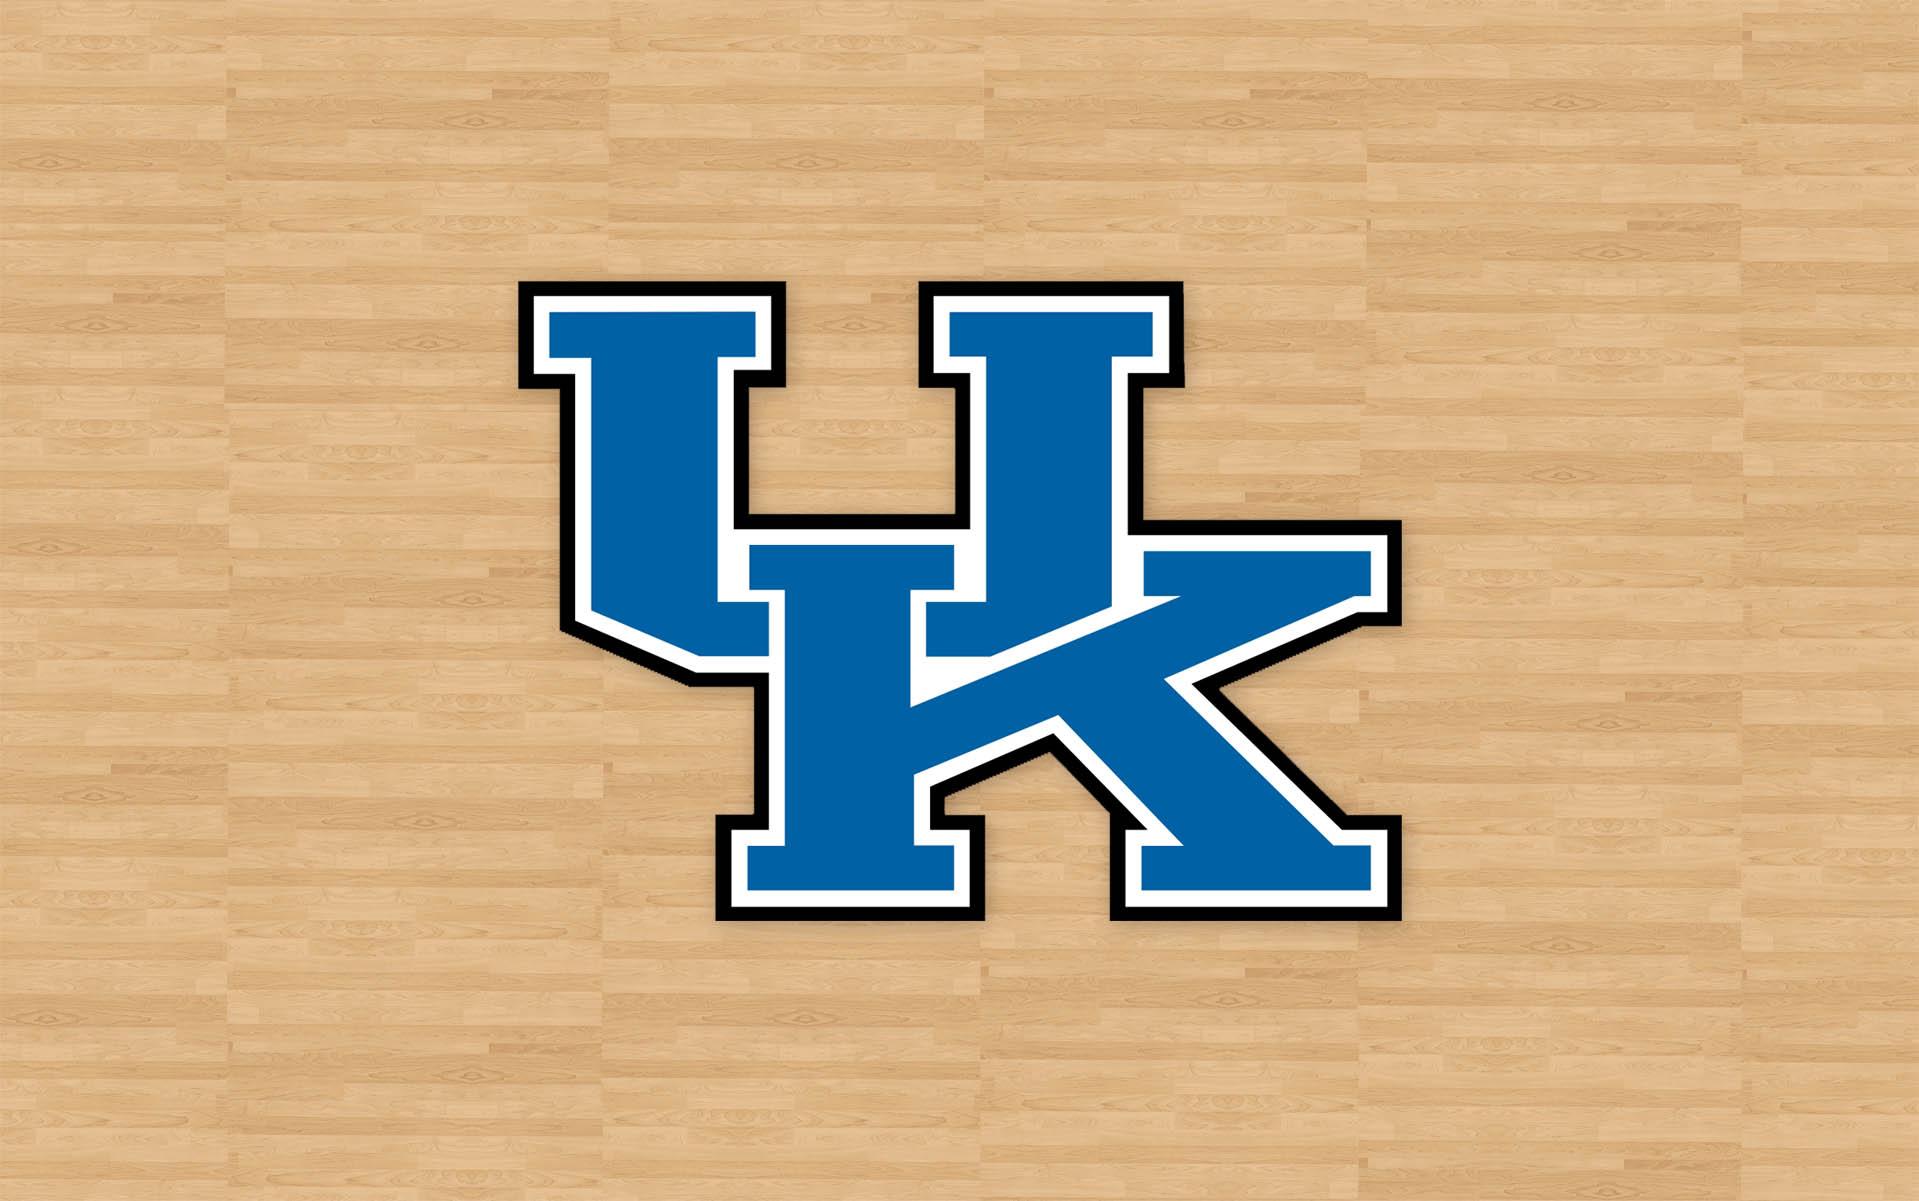 Wallpapers Kentucky Wildcats 1920 X 1200 115 Kb Jpeg HD Wallpapers 1919x1201